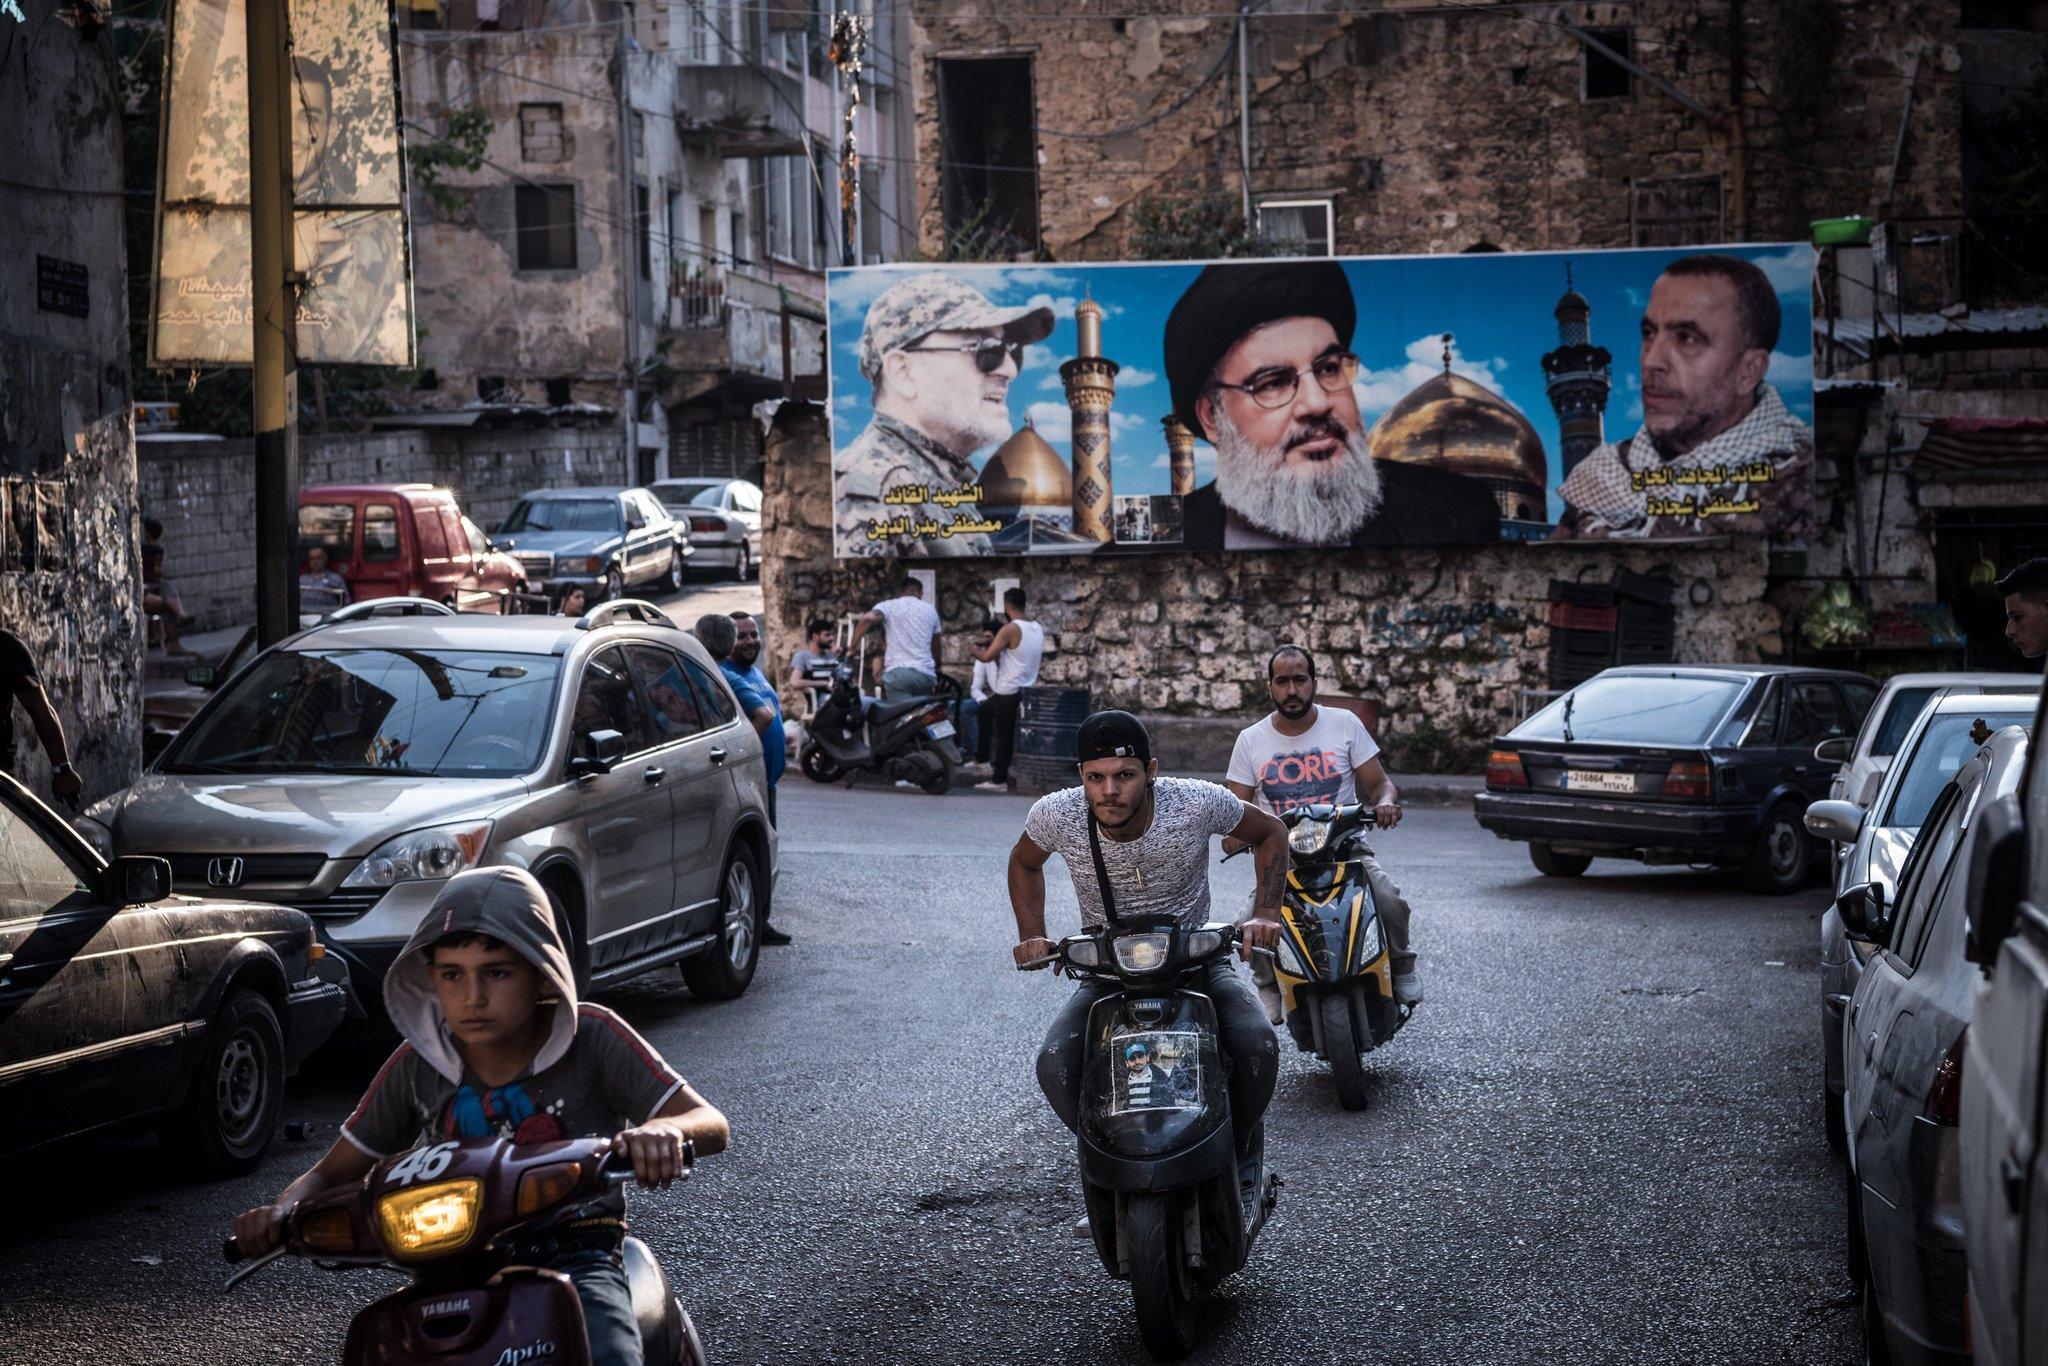 نيو يورك تايمز «إيران تفصح عن إعادة تشكيل الشرق الأوسط بأداة عربية: حزب الله»